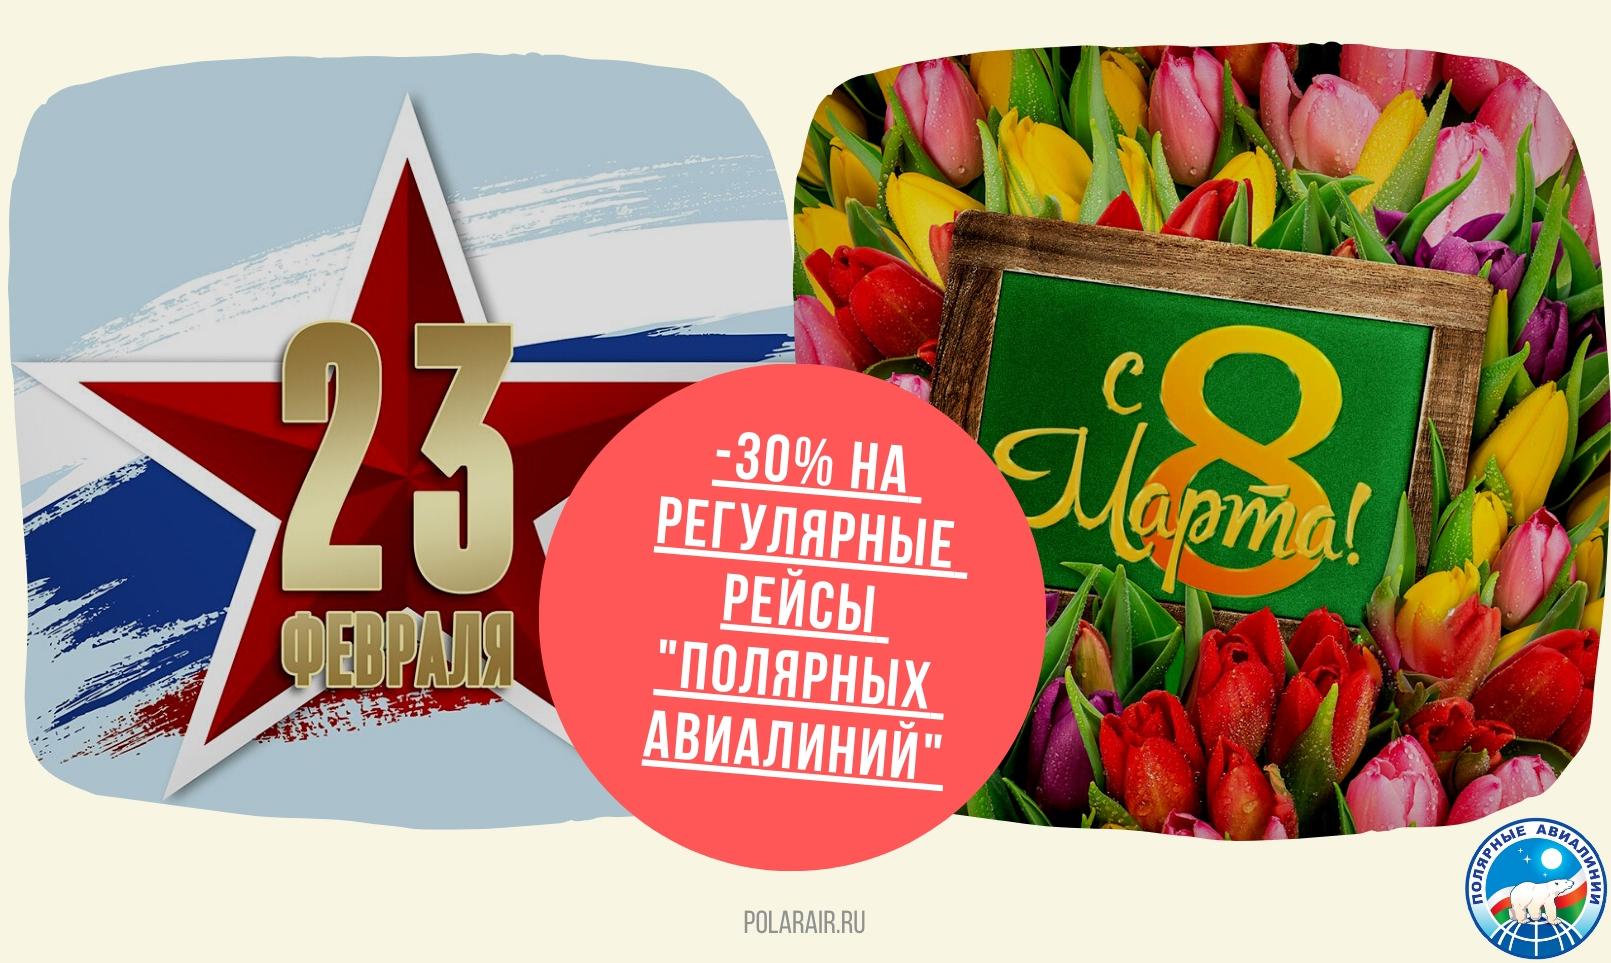 «Полярные авиалинии» объявляют праздничные акции — авиабилеты со скидкой 30%